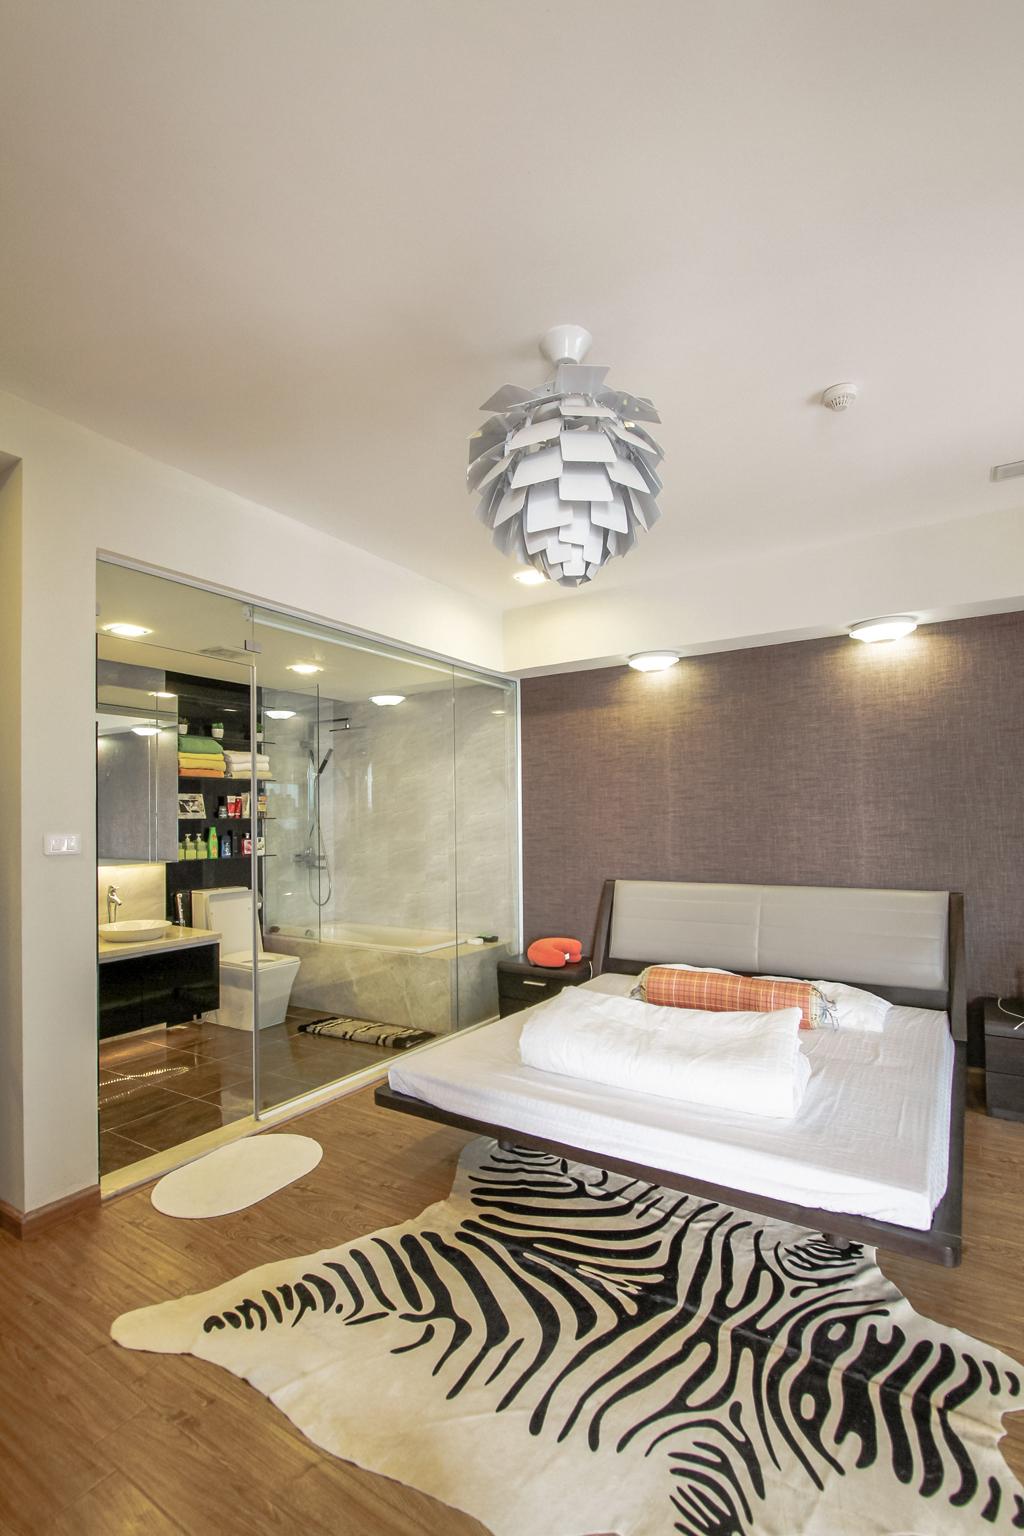 thiết kế nội thất chung cư tại Hà Nội CHUNG CƯ CHỢ MƠ 4 1570440670